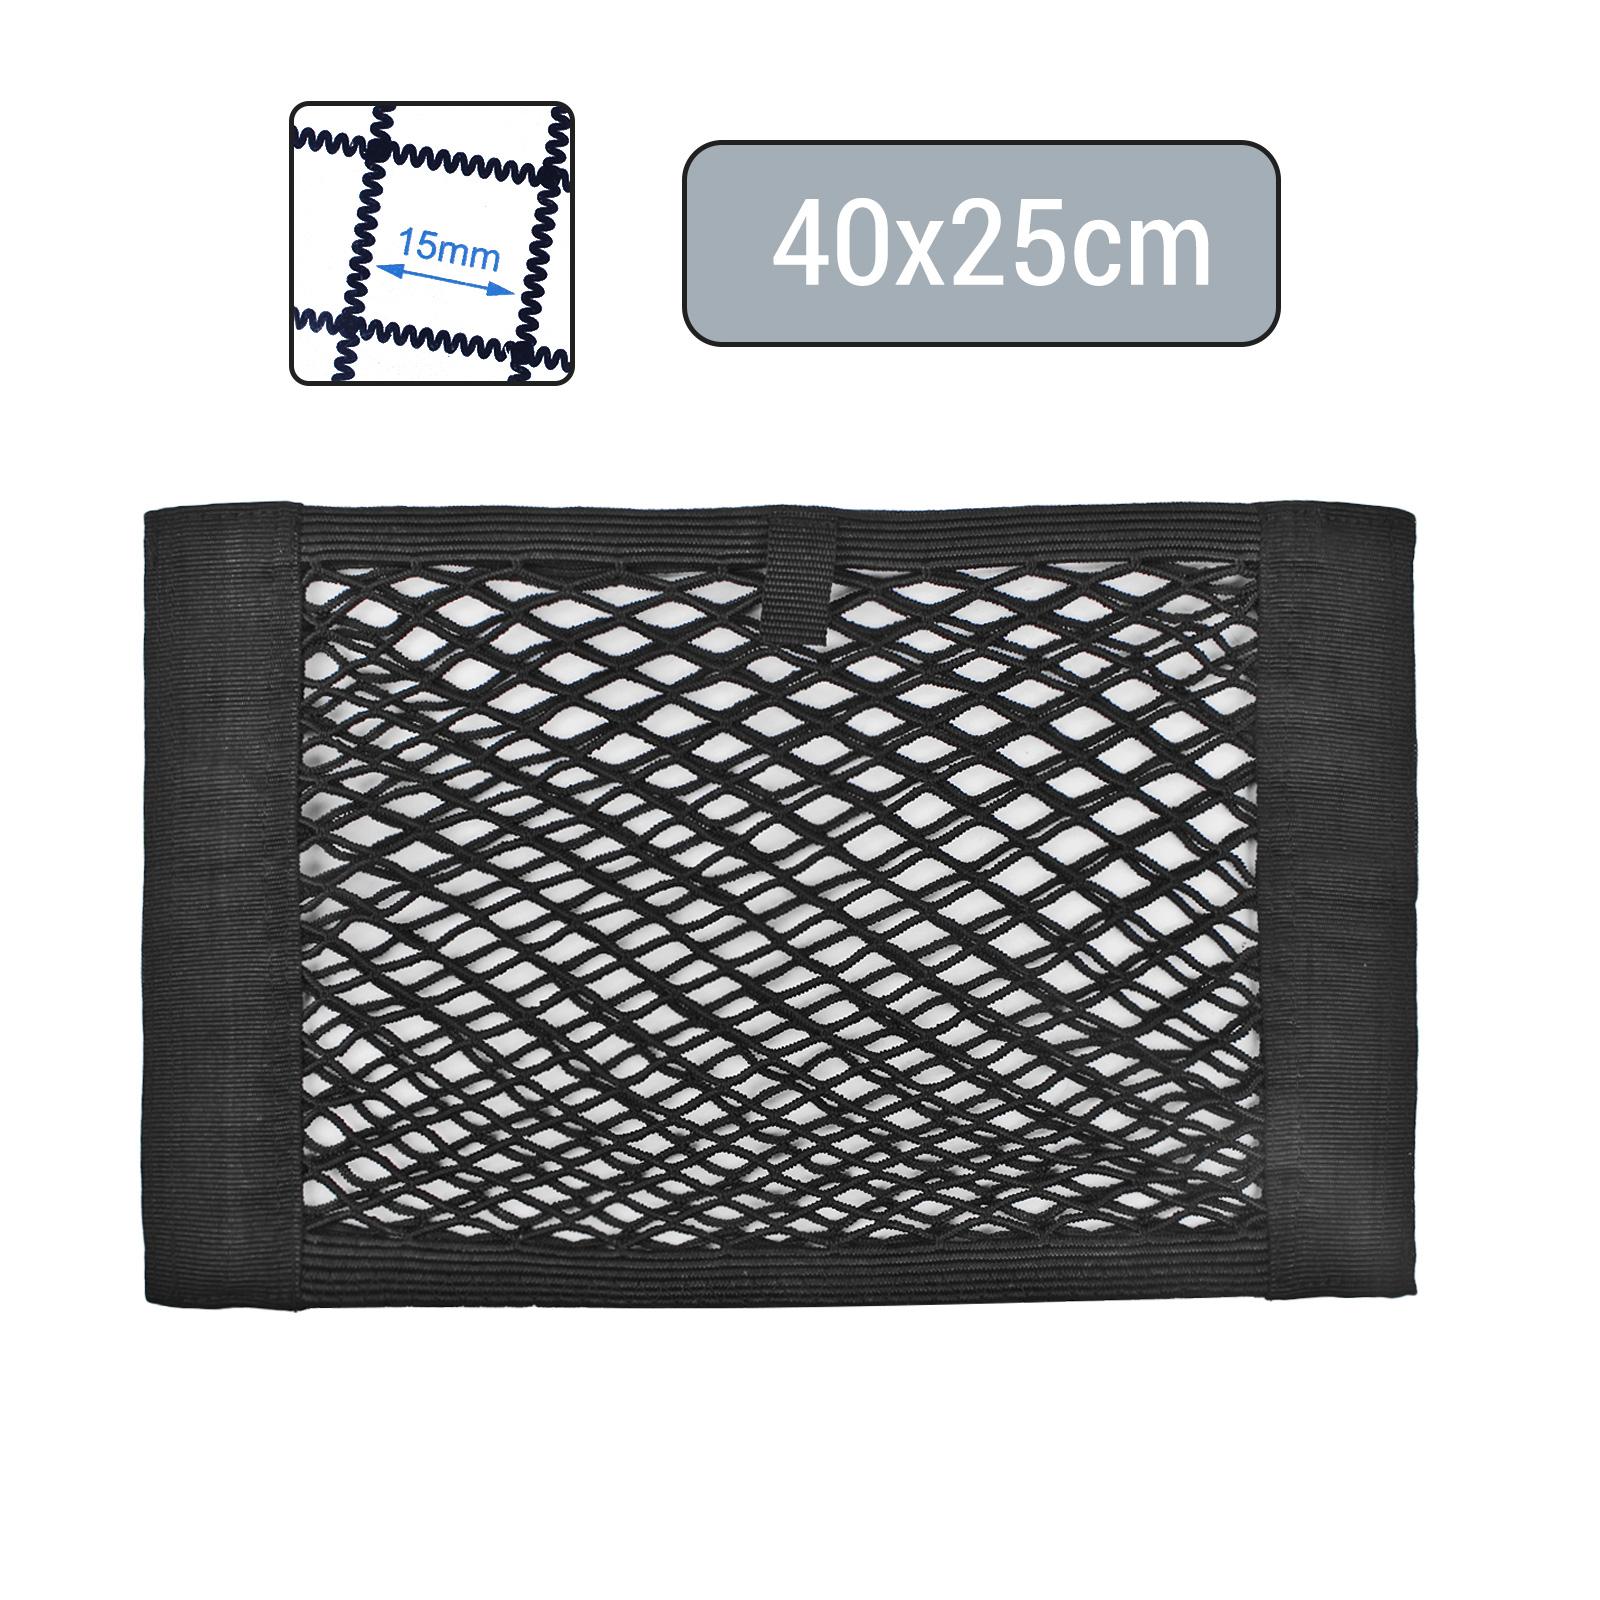 Kofferraumnetz Ablagenetz elastisch 40x25cm Klettbefestigung doppel Netz